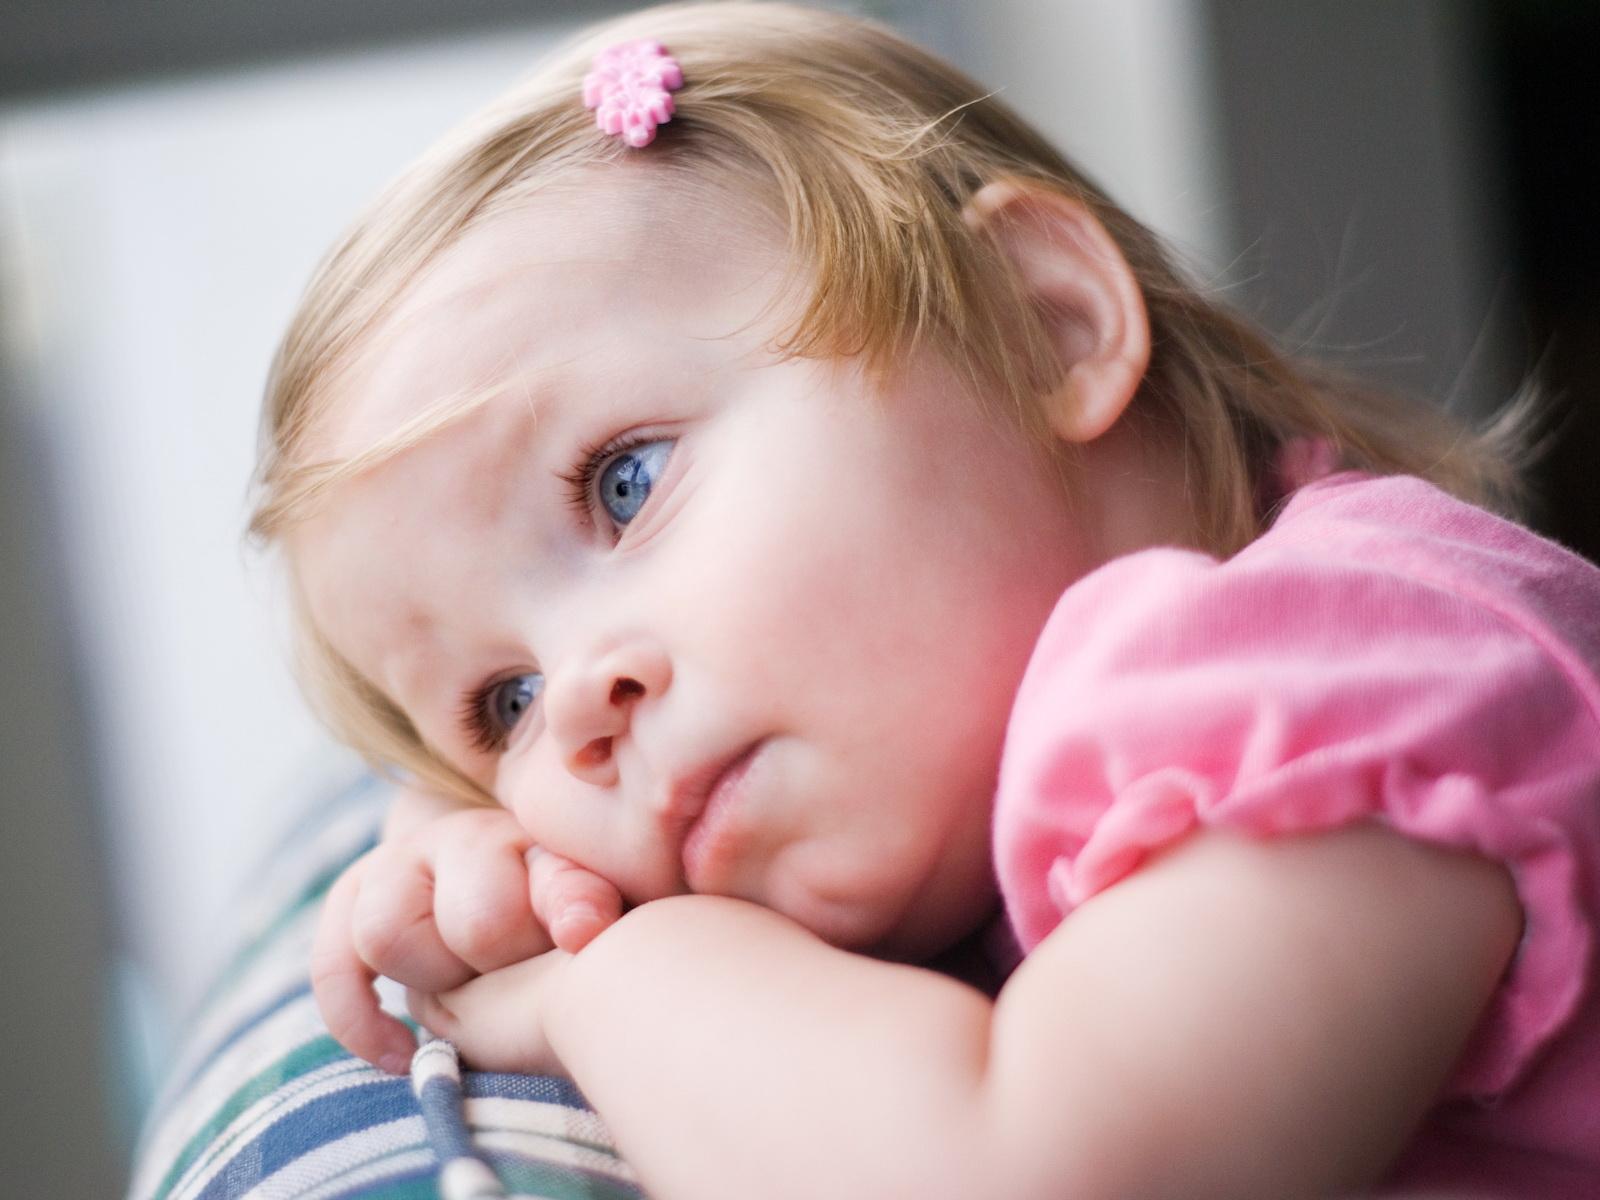 http://2.bp.blogspot.com/-K75Ox1JZLss/T8s_ik7aKXI/AAAAAAAAExs/LojiFD4Q4nQ/s1600/1_Cute_kids_wallpapers_for_Pc.jpg